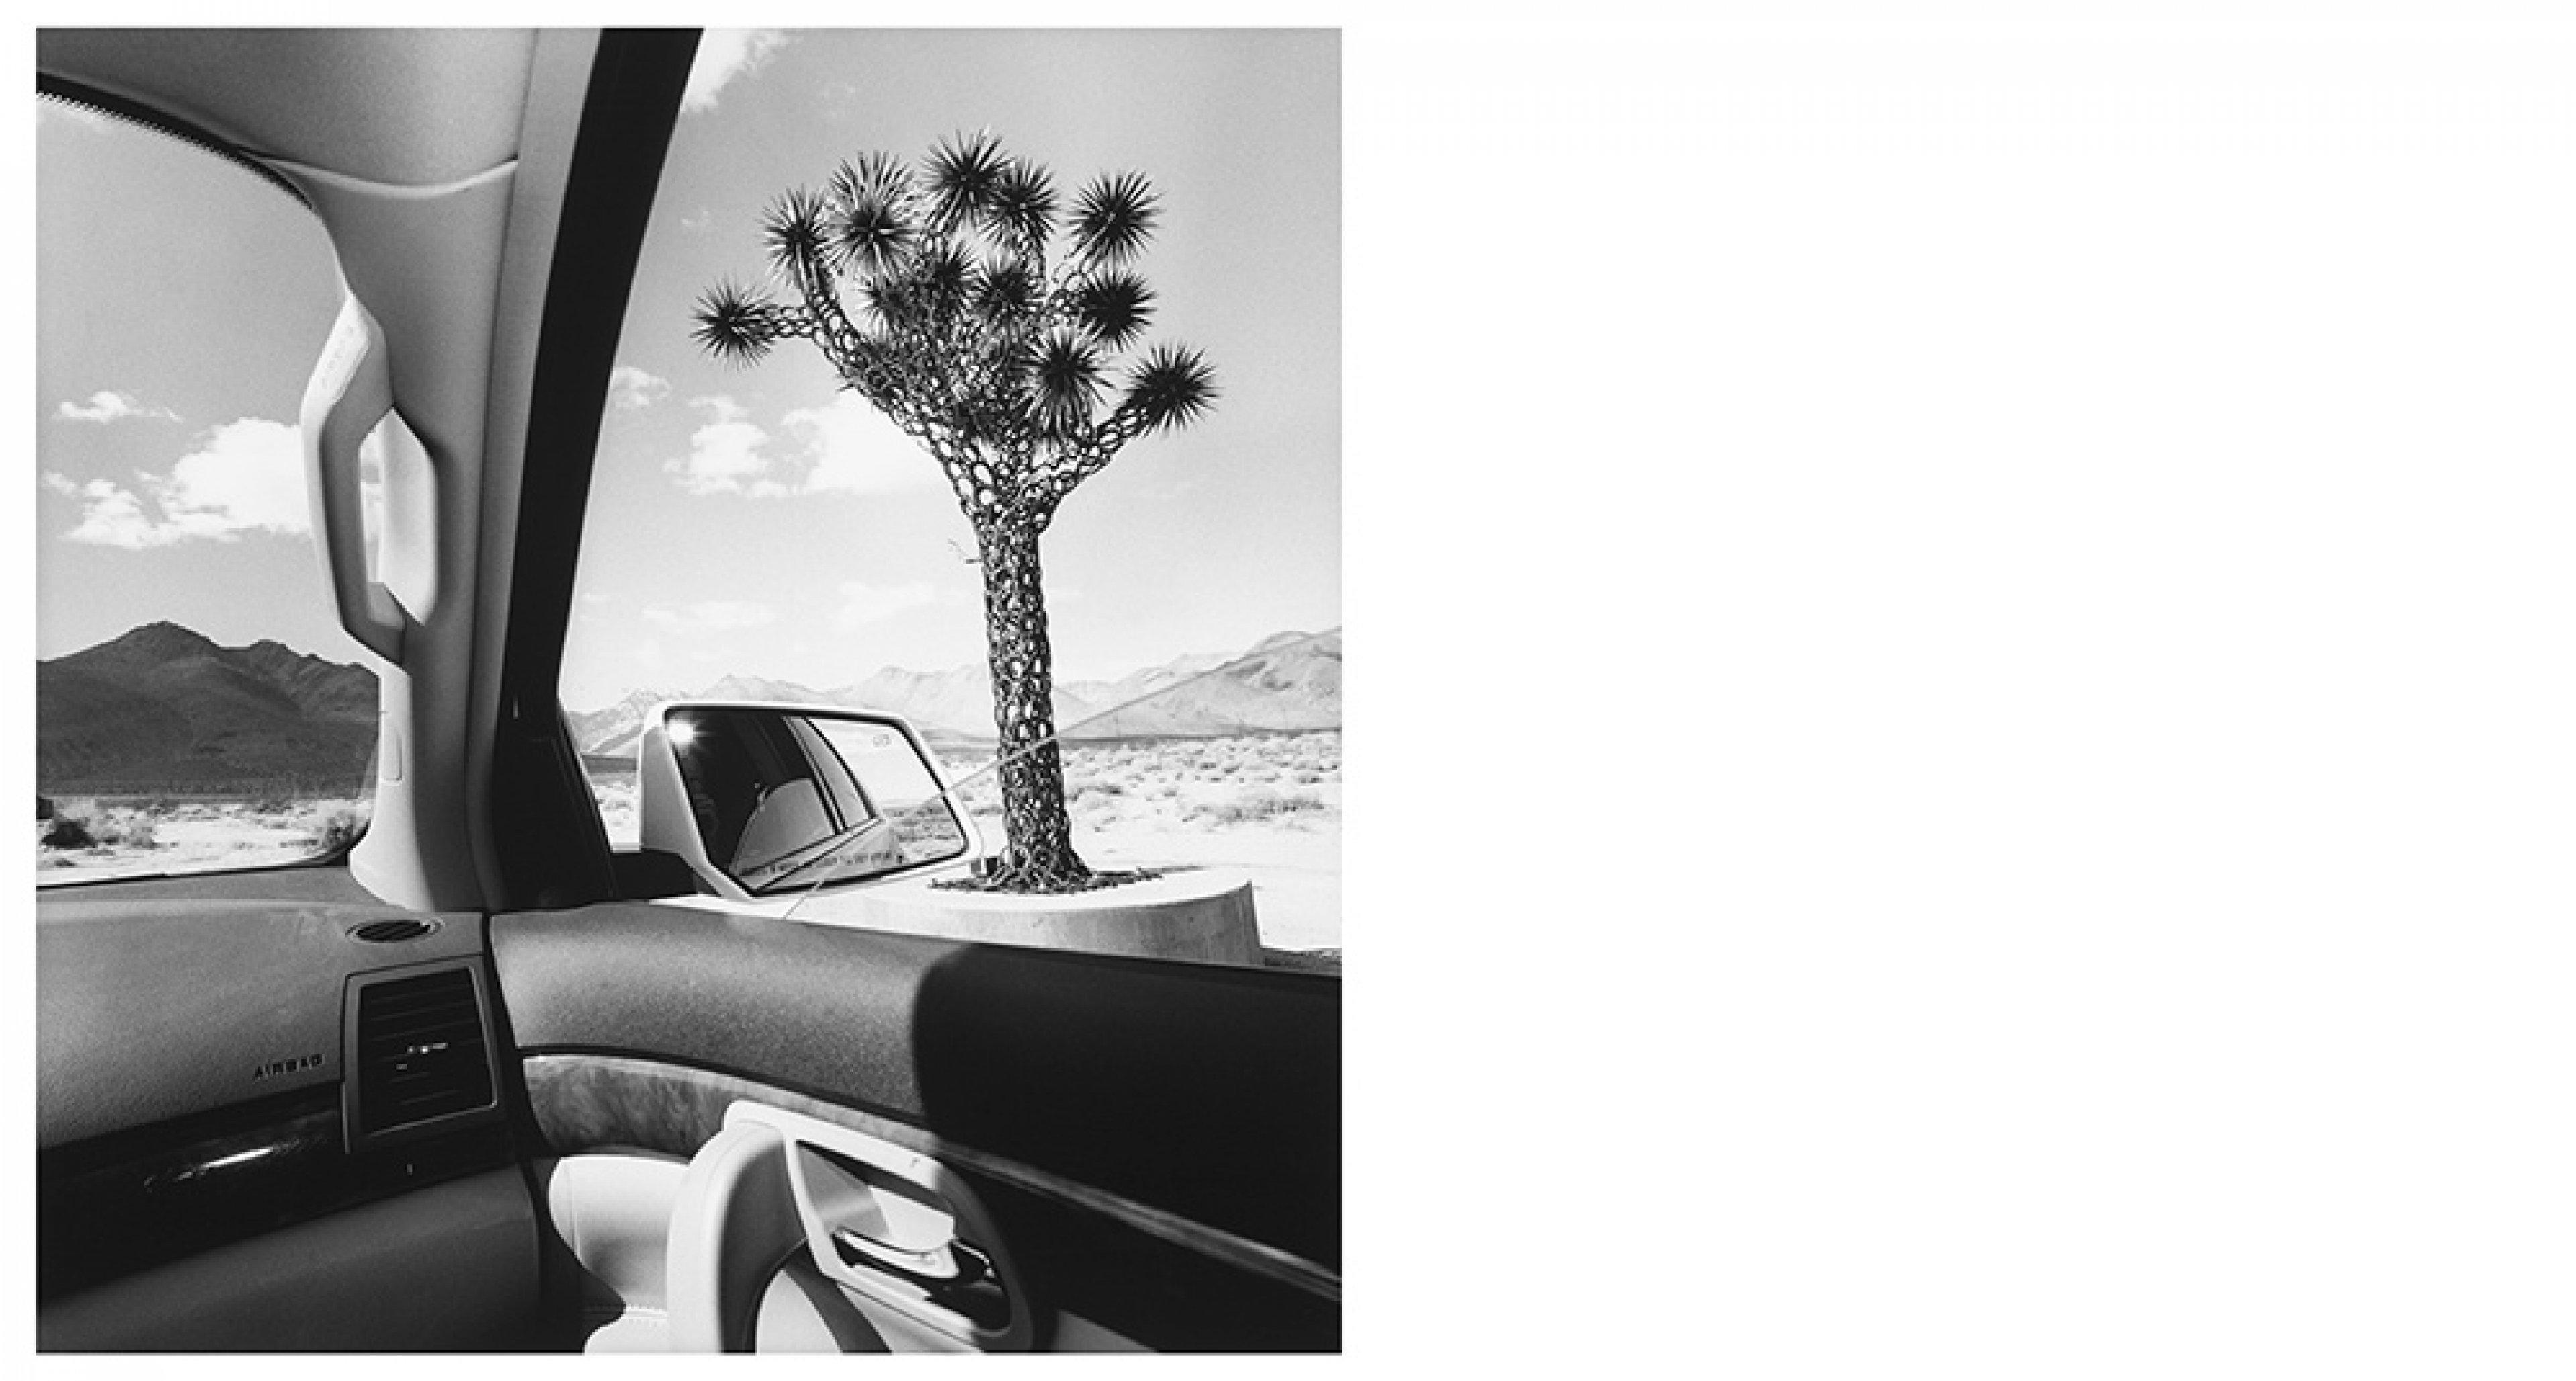 Lee Friedlander, California, 2008 From America by Car series Gelatin silver print, 37.5 × 37.5 cm Courtesy Fraenkel Gallery, San Francisco © Lee Friedlander, courtesy Fraenkel Gallery, San Francisco